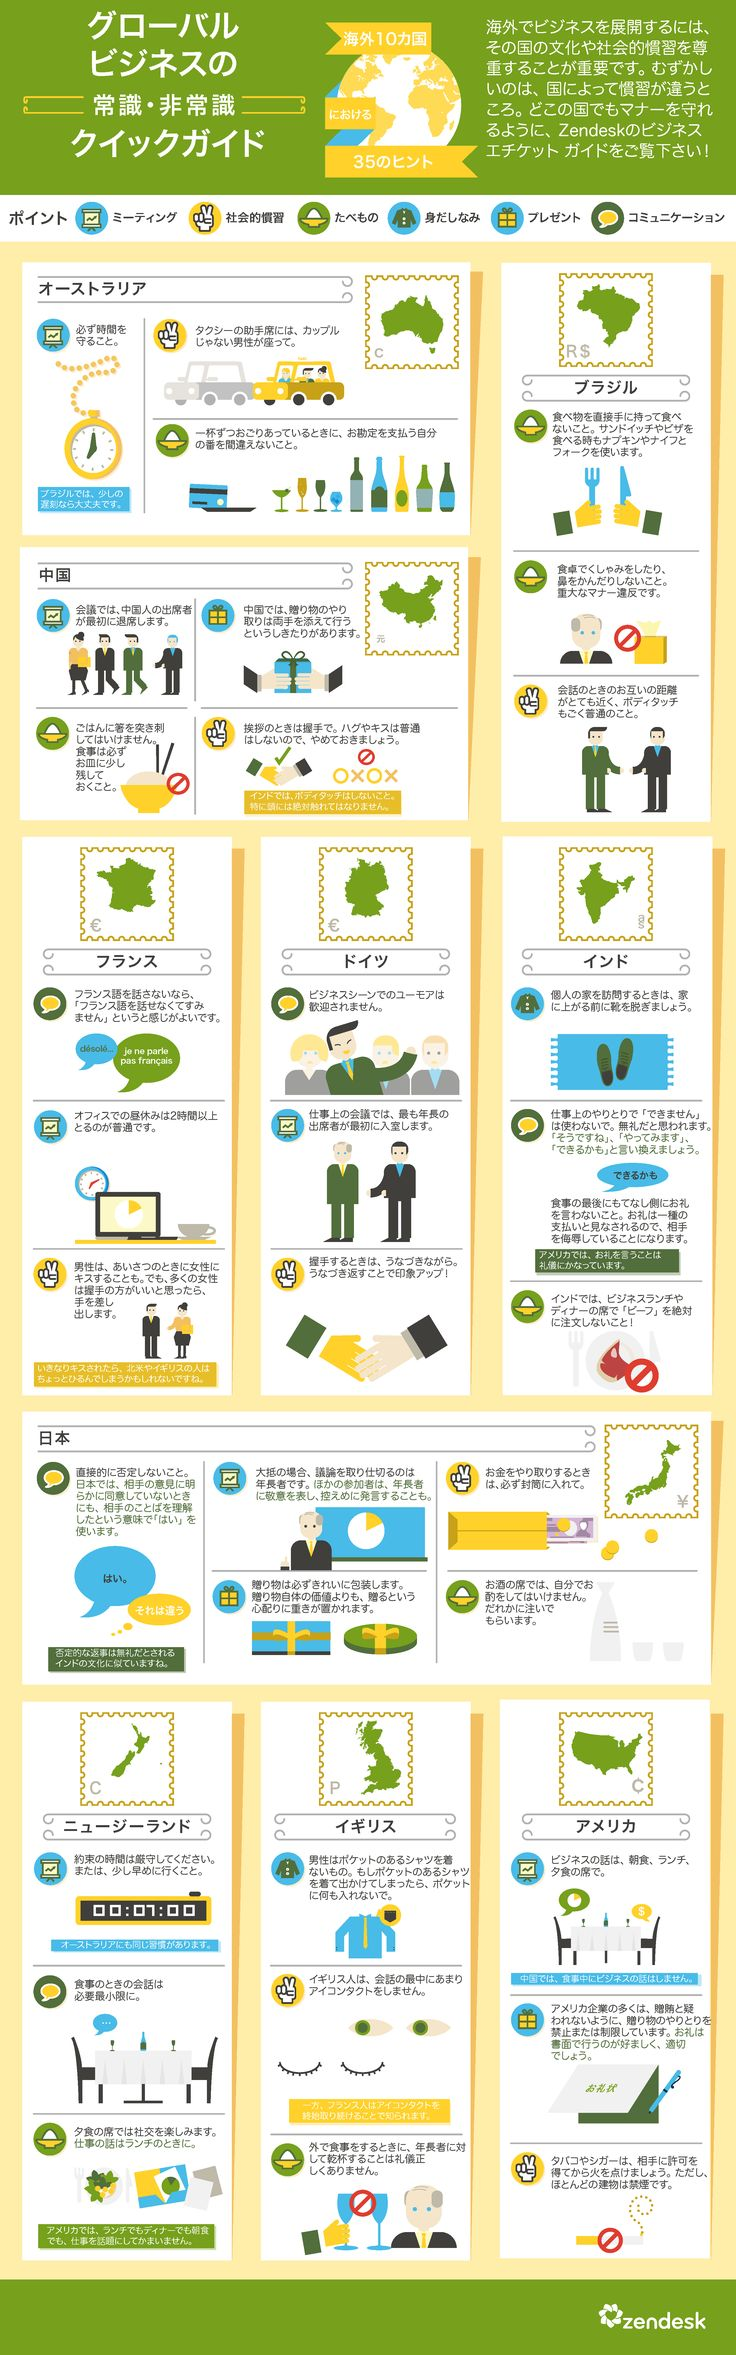 インフォグラフィック:日本の常識、世界の非常識。国が変わればマナーも変わる!?